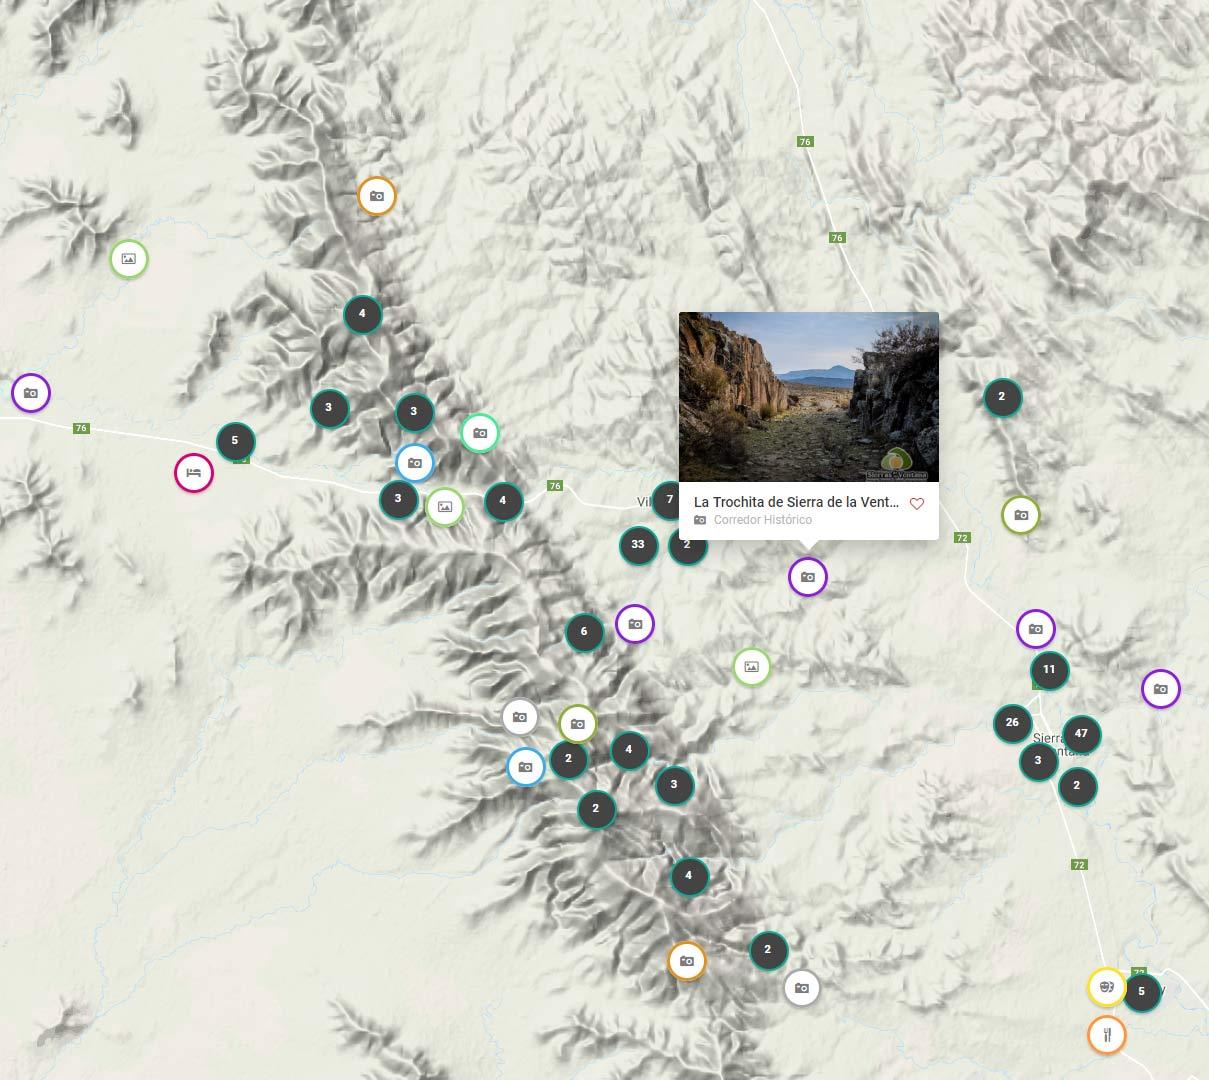 Mapa de Sierra de la Ventana